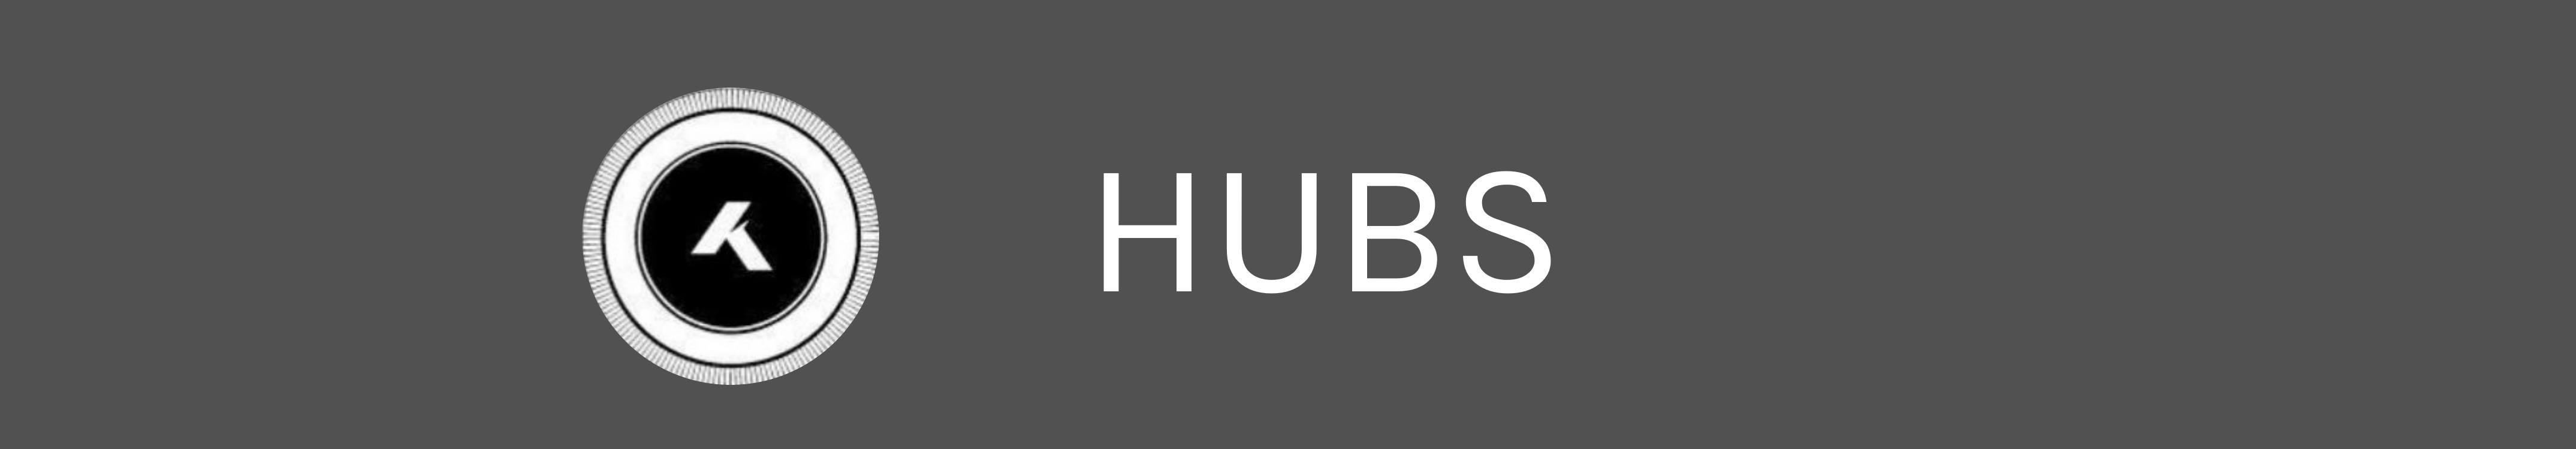 KHE-Banner-Hubs